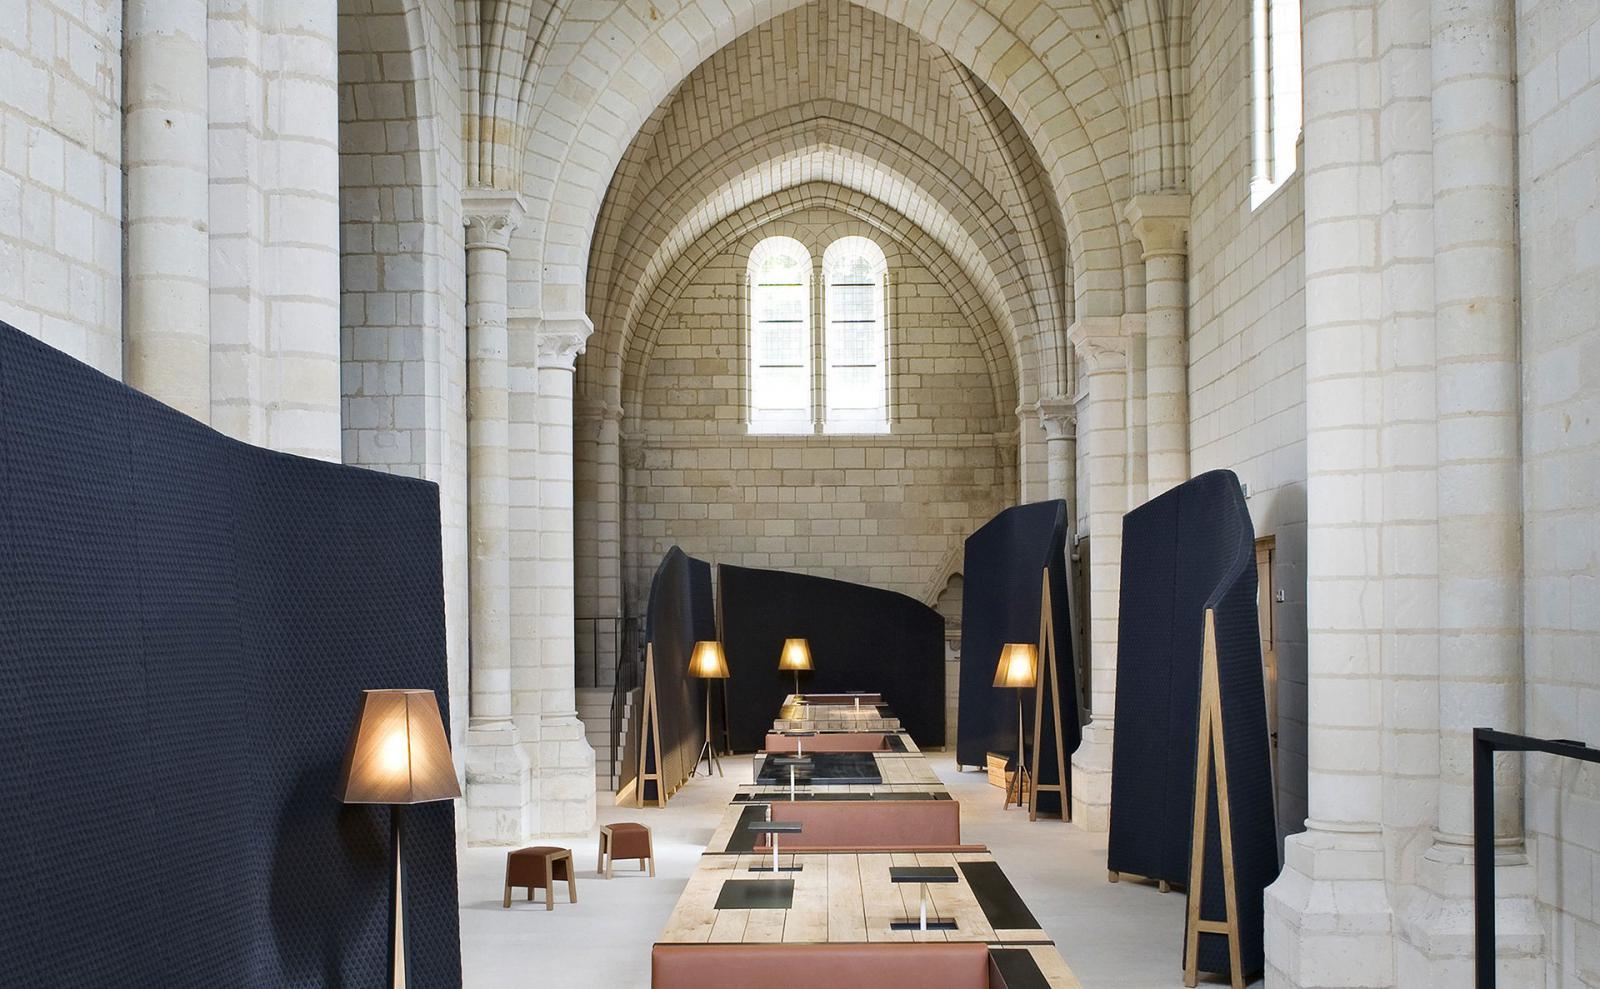 Уединиться в Фонтевро: уникальный отель во французском аббатстве